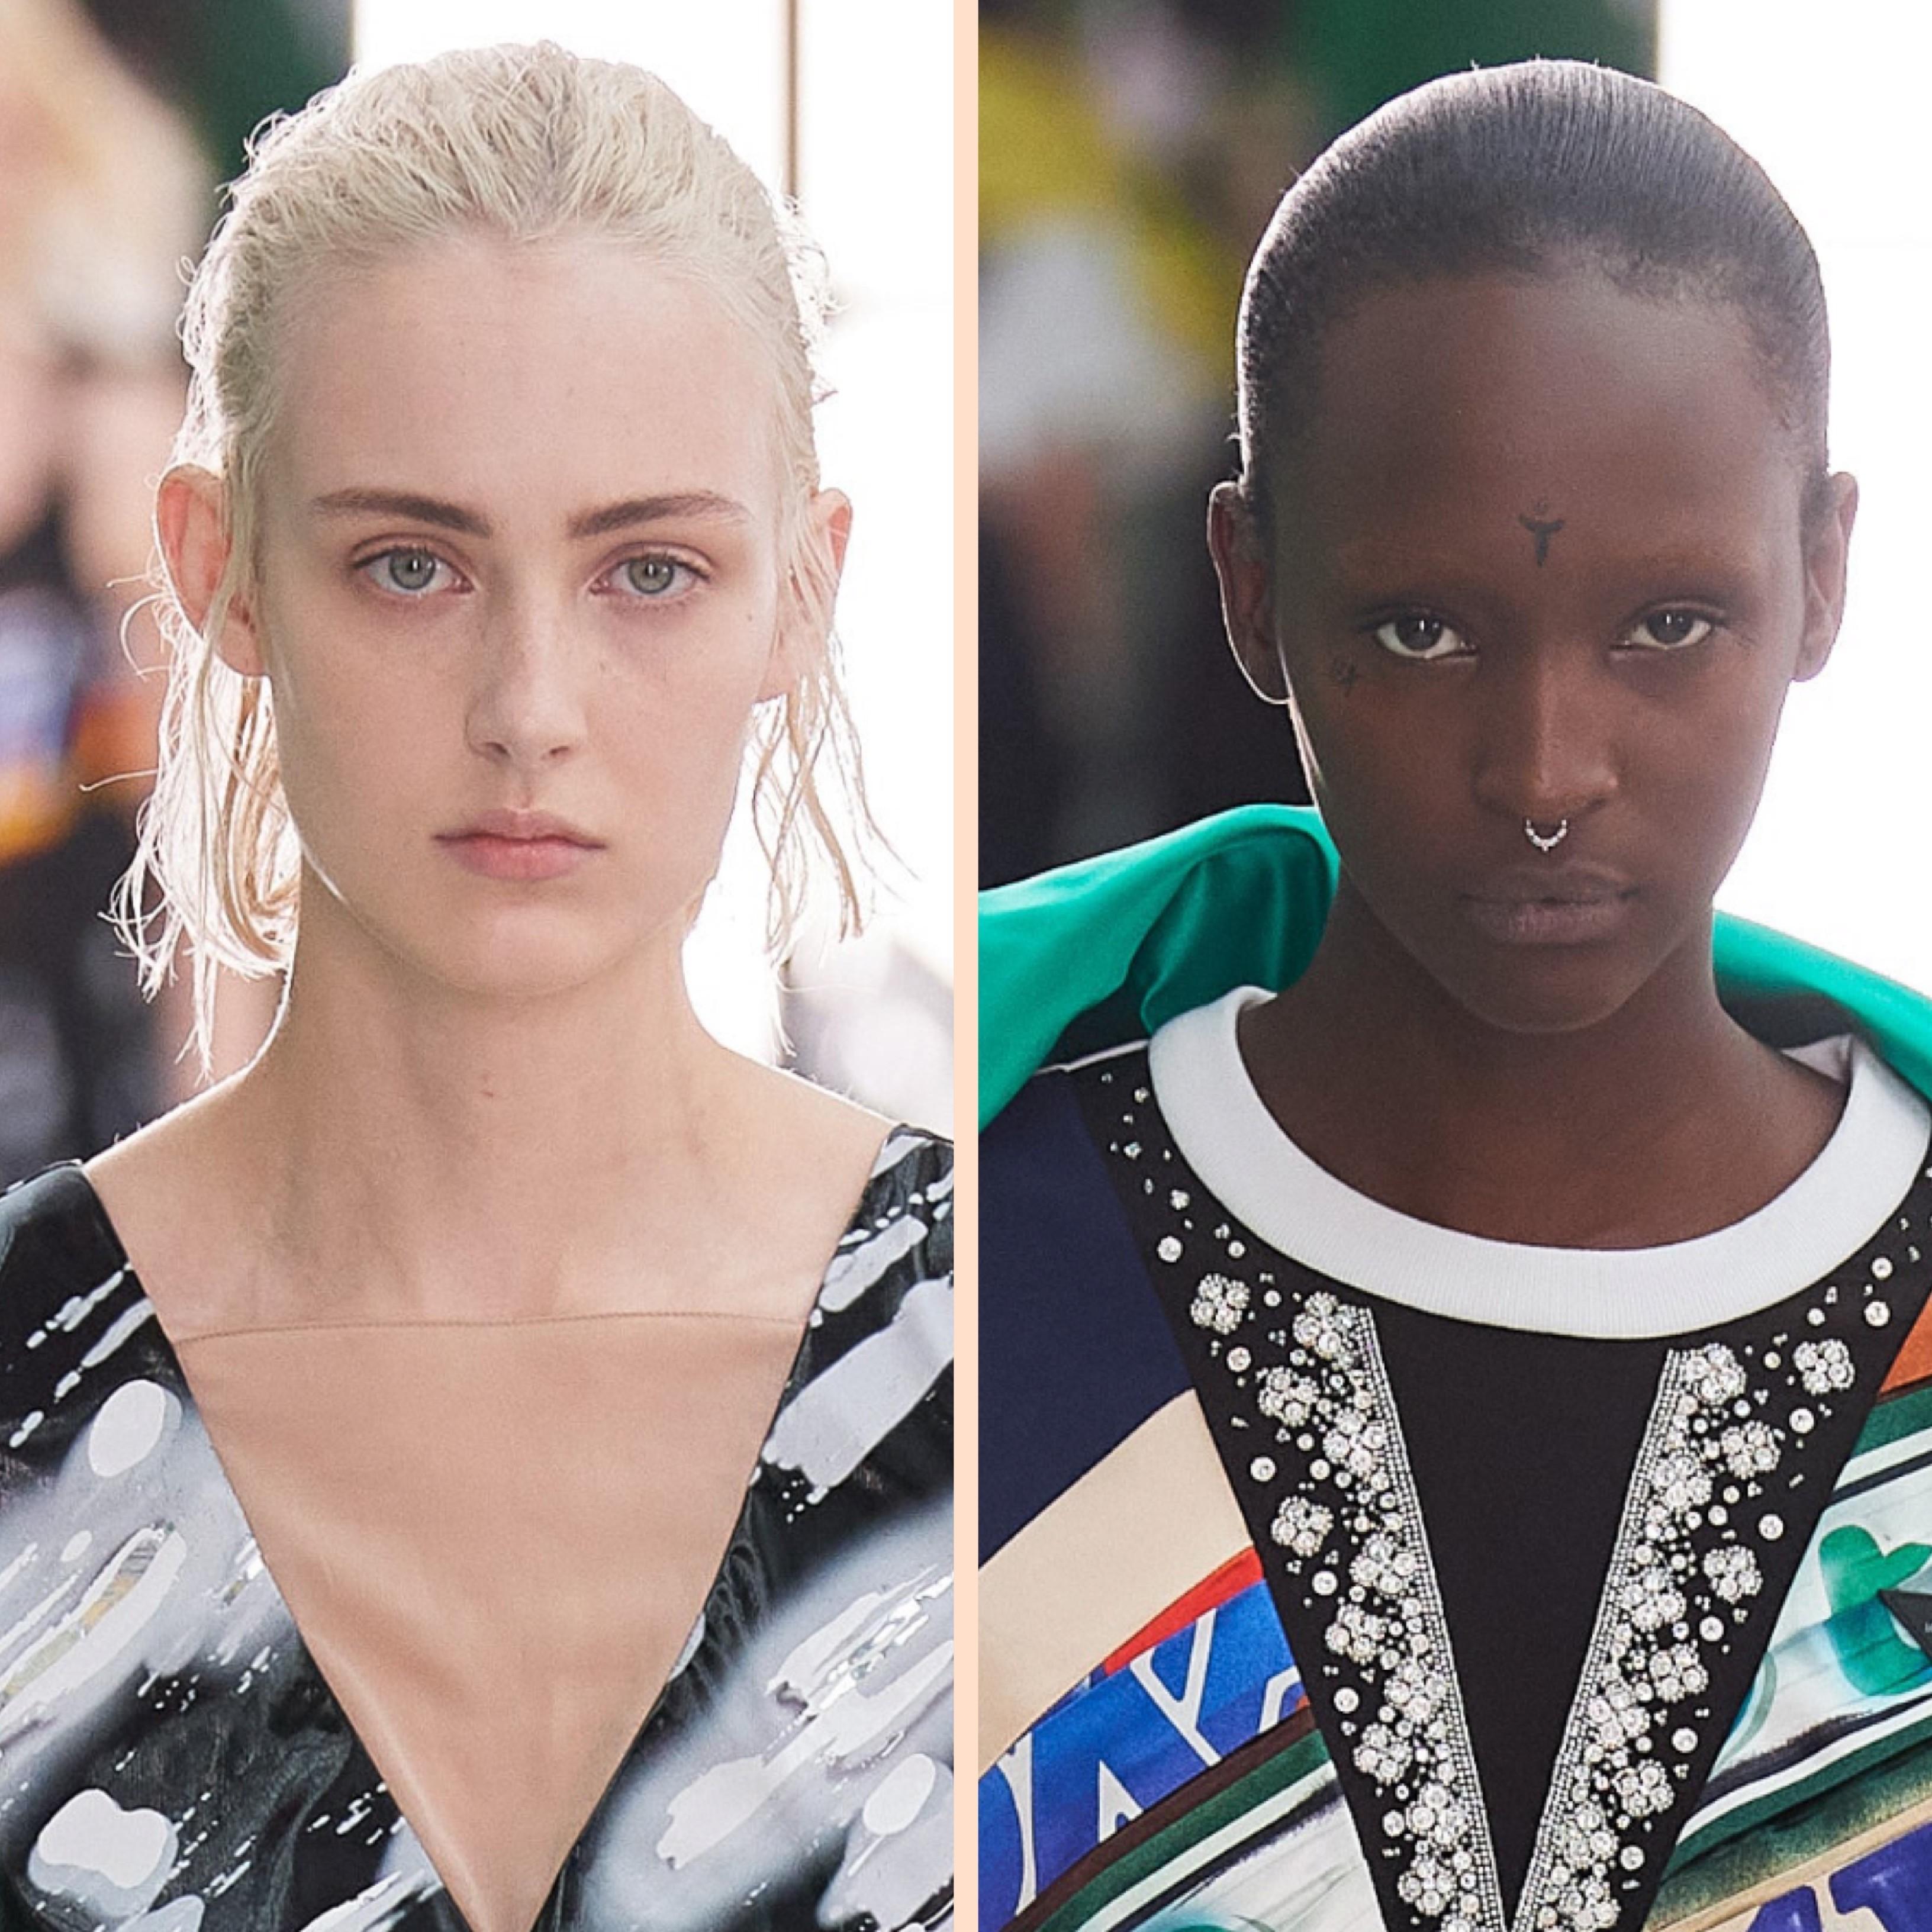 Semana de moda de Paris: Louis Vuitton (Foto: Divulgação )